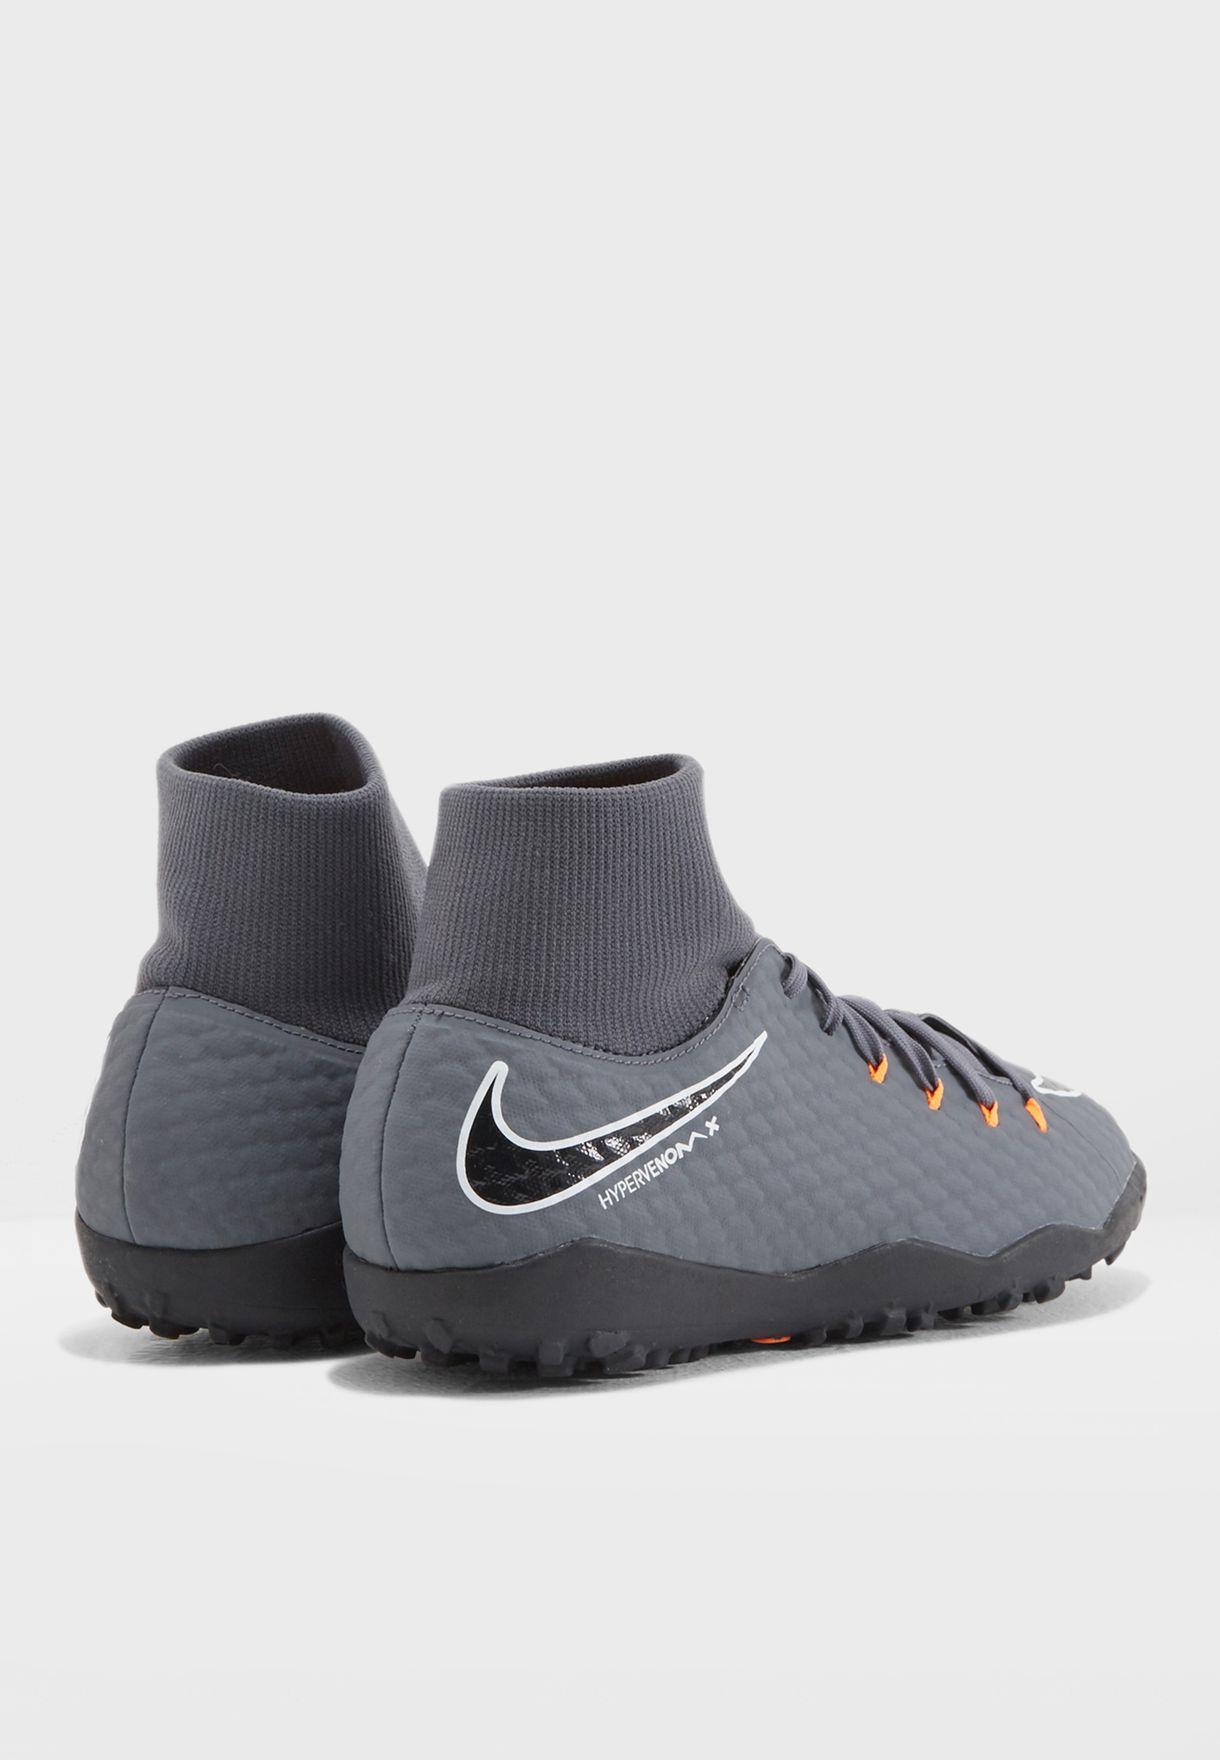 53c2a3ebc8d Shop Nike grey Hypervenom Phantomx 3 Academy DF TF AH7276-081 for ...